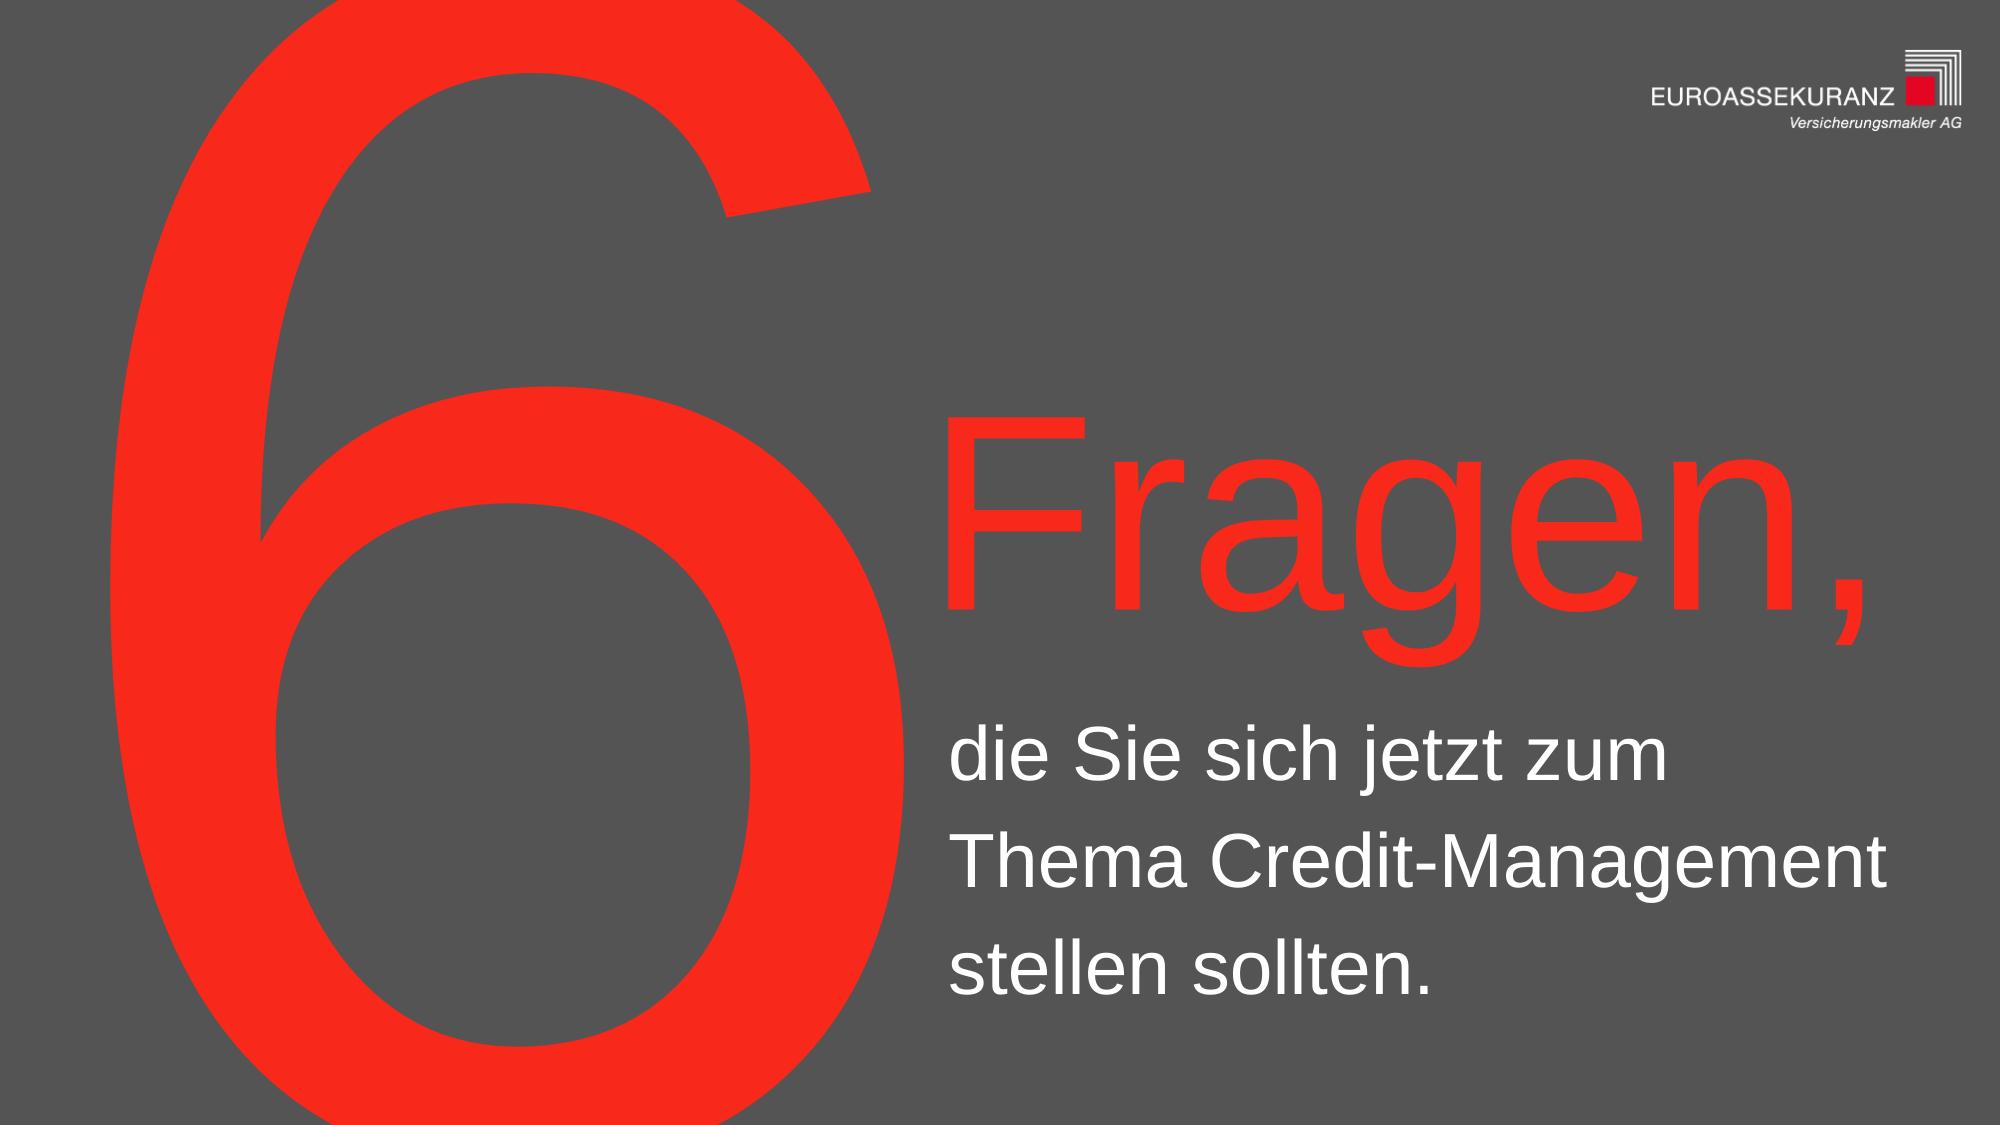 Imagefoto 6 Fragen zum Thema Credit-Management